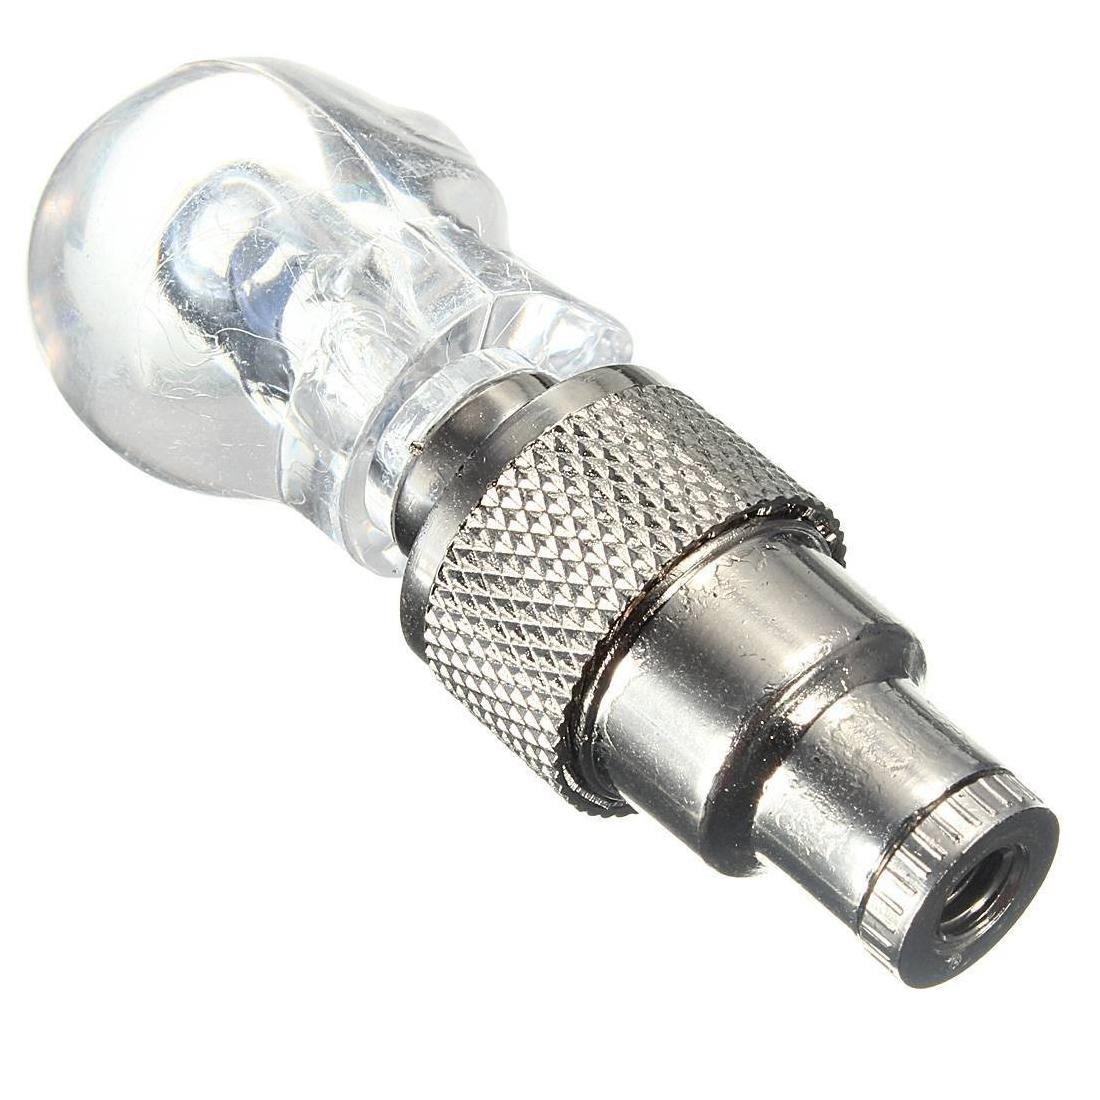 led licht ventilkappe speichenlicht f r fahrrad auto bike felgen reifen weiss et. Black Bedroom Furniture Sets. Home Design Ideas